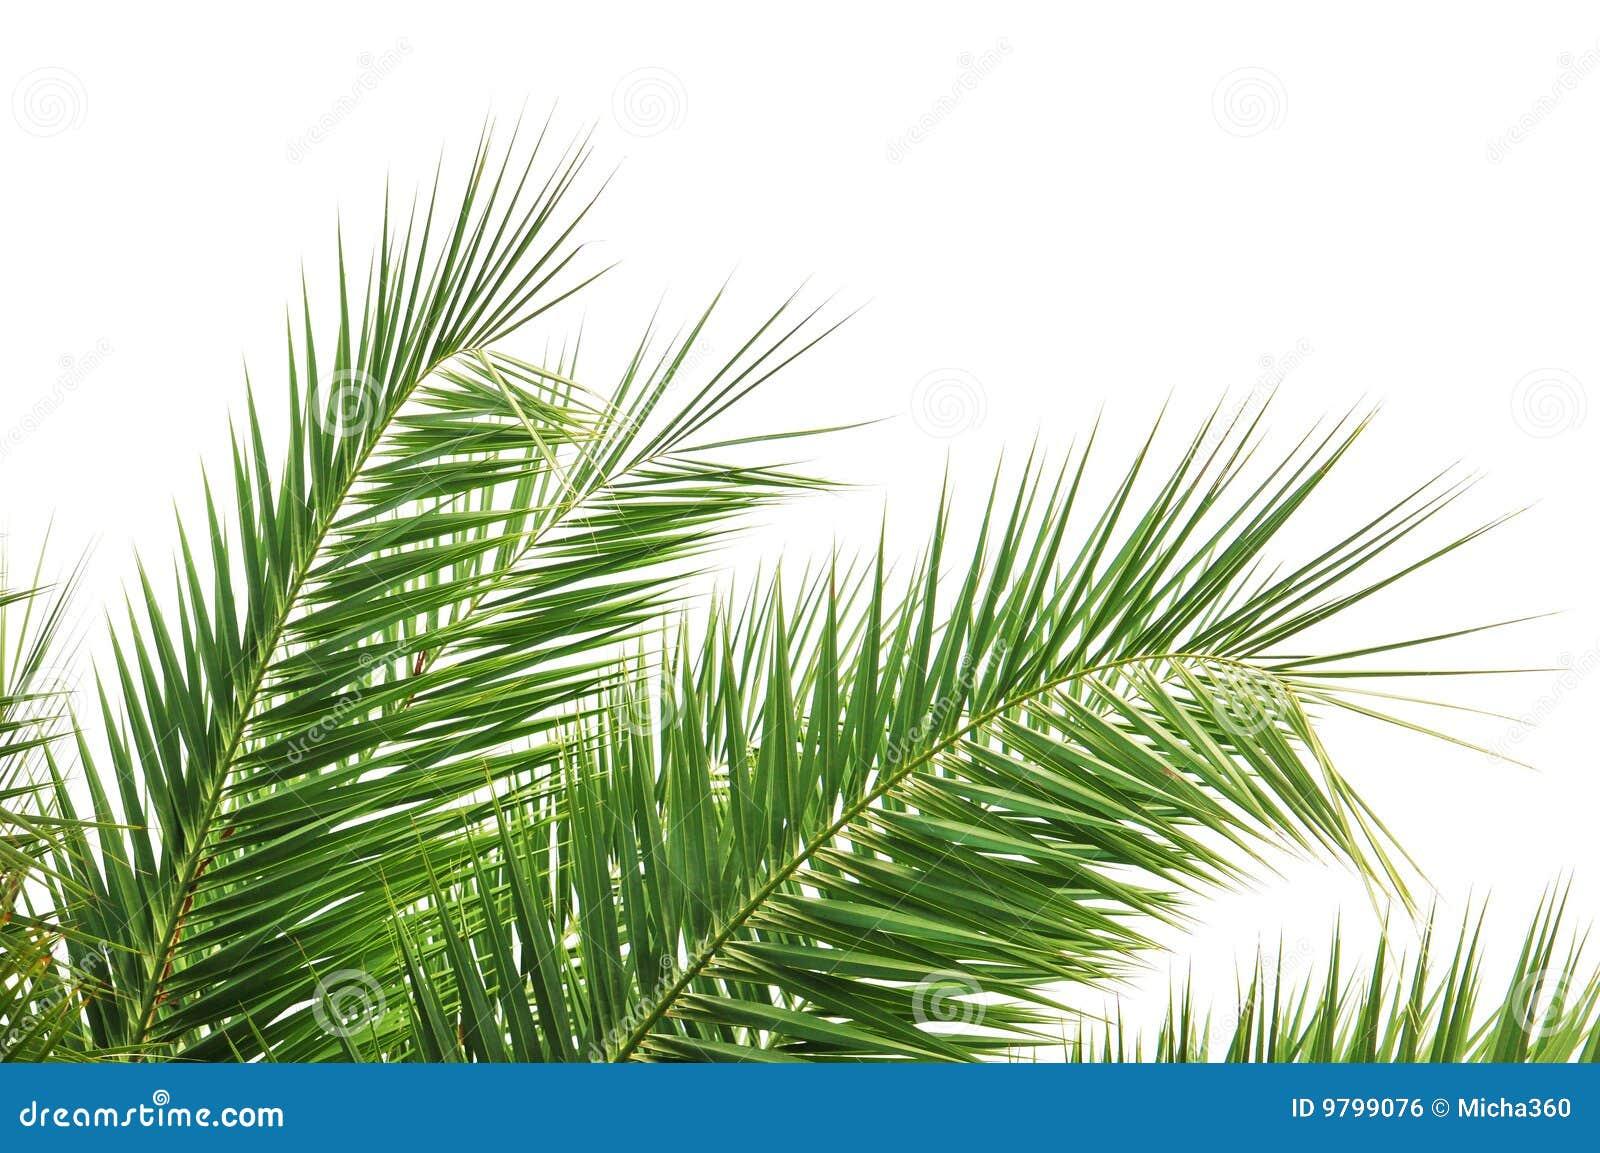 Palm Tree Leaves Stock Photo Image Of Botanic Plant